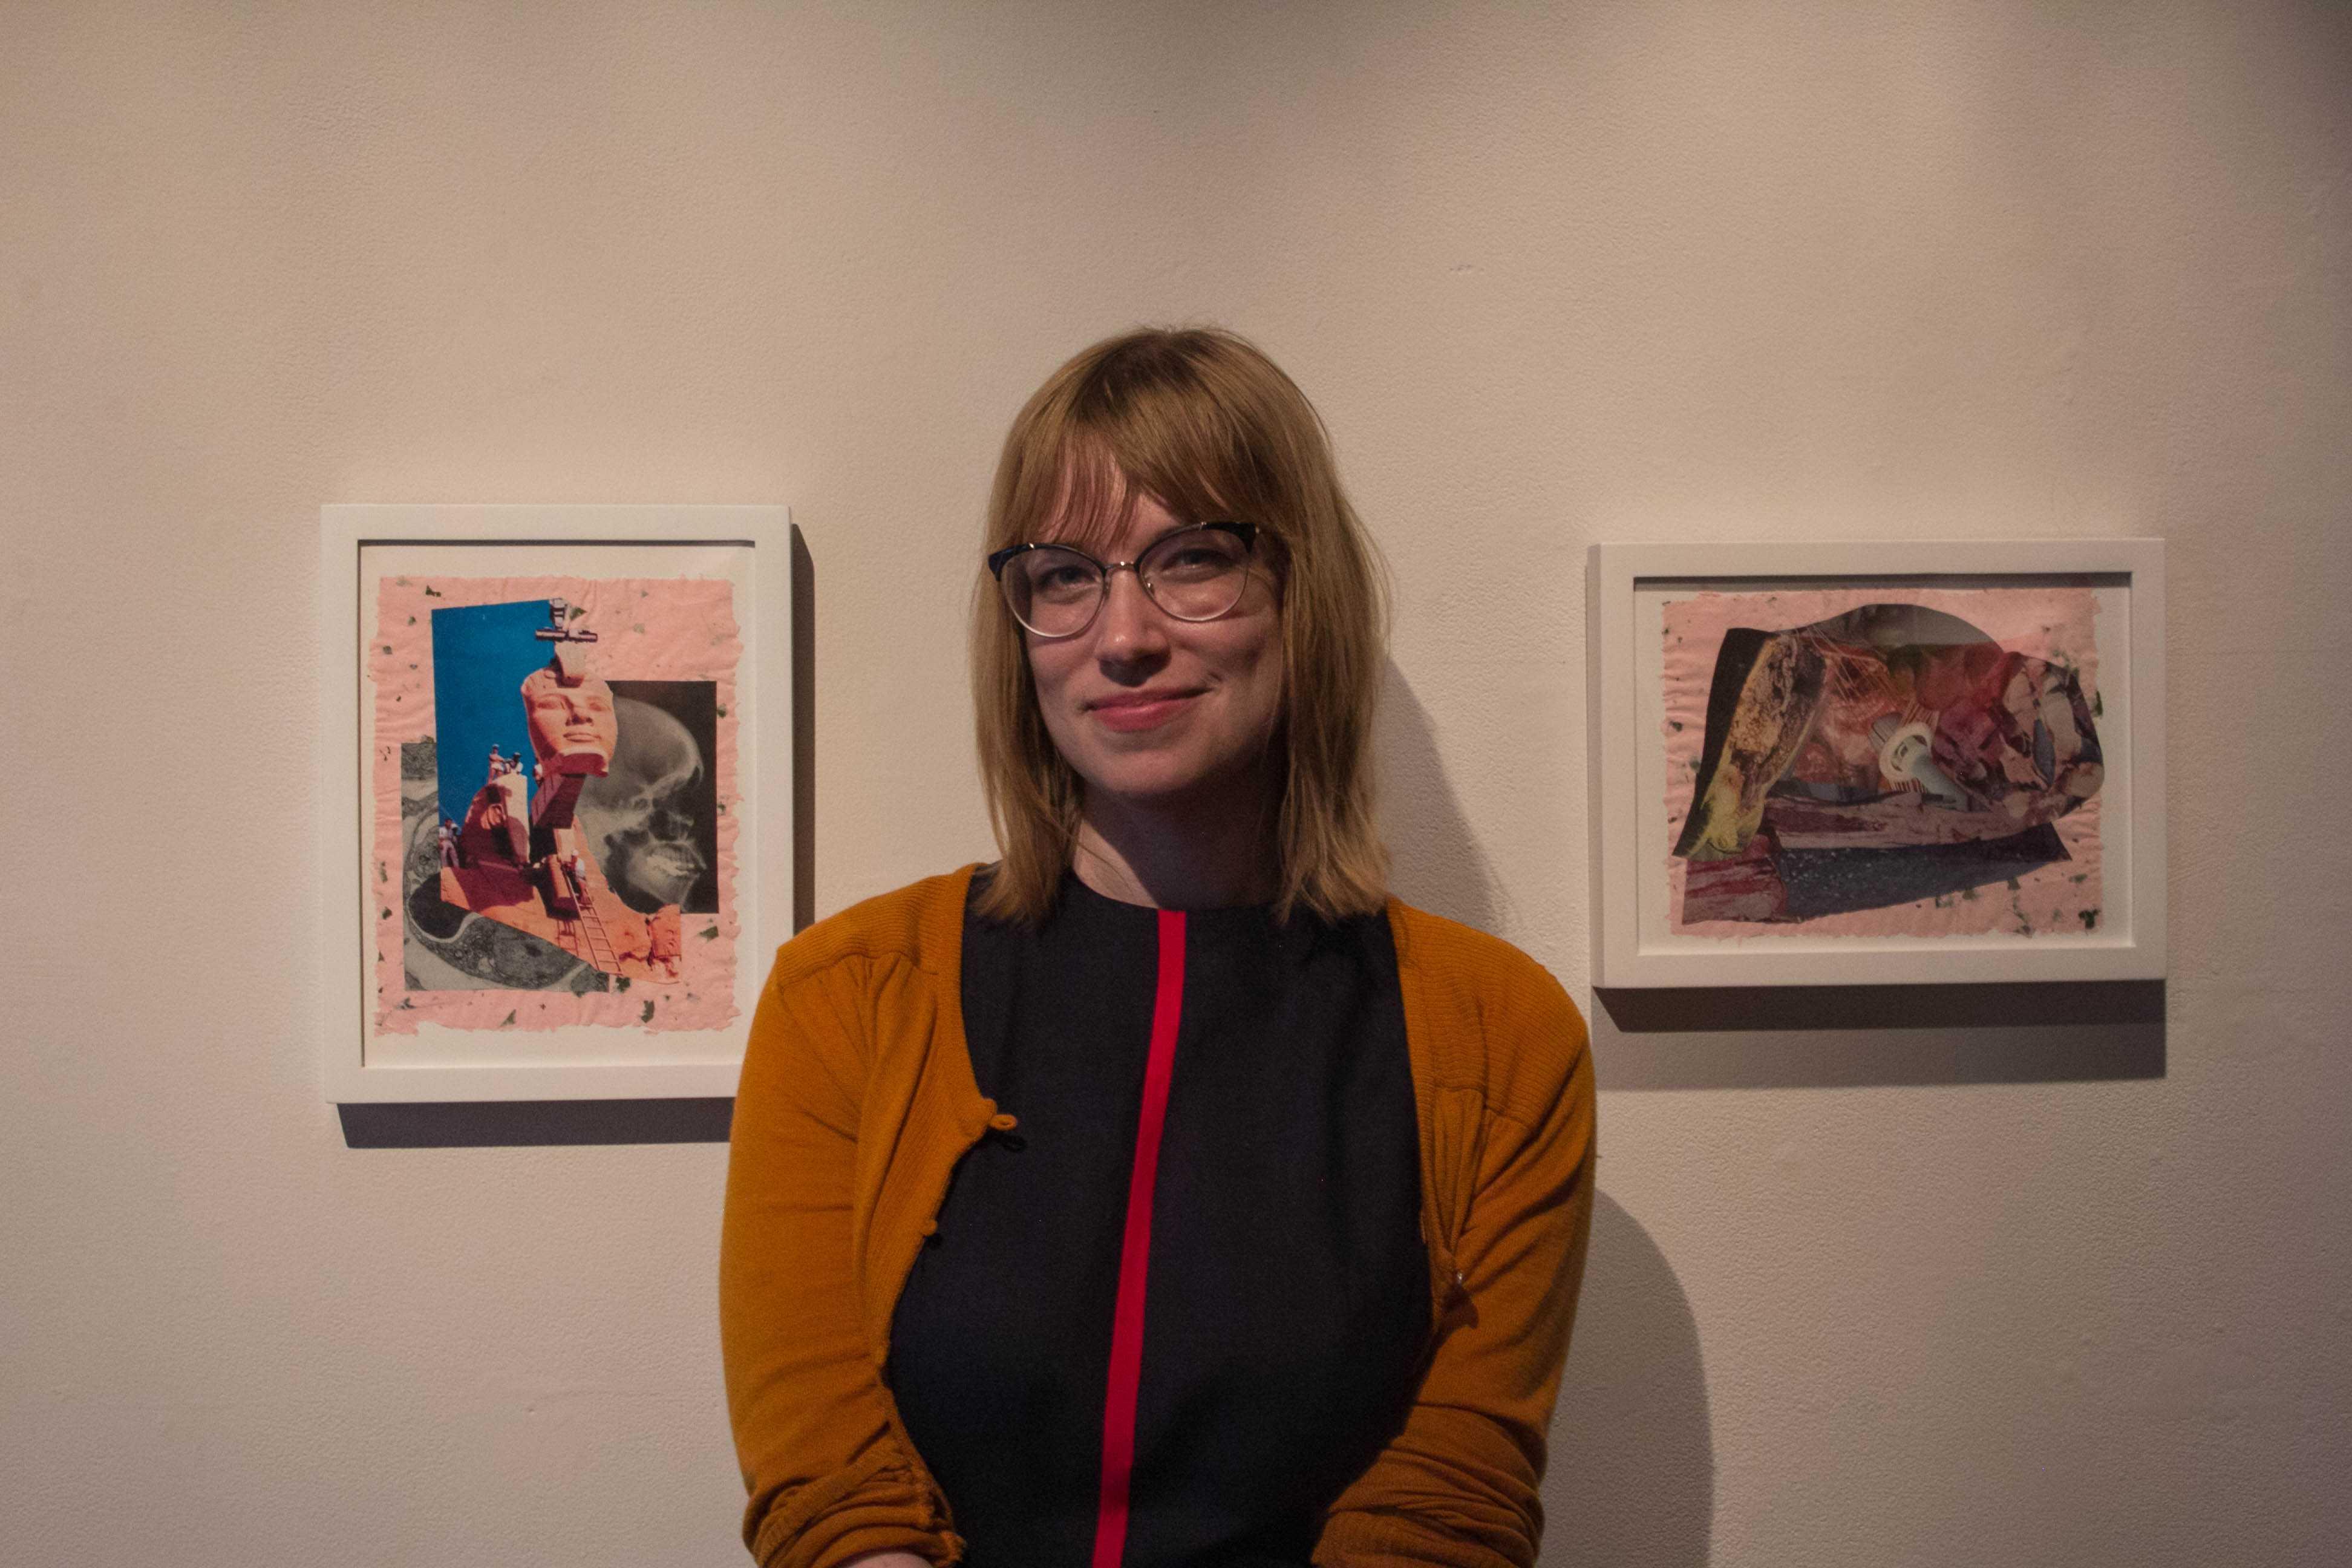 INSIDER(OUTSIDER): ALISON SPENCE'S CHILLING ART SHOWCASE